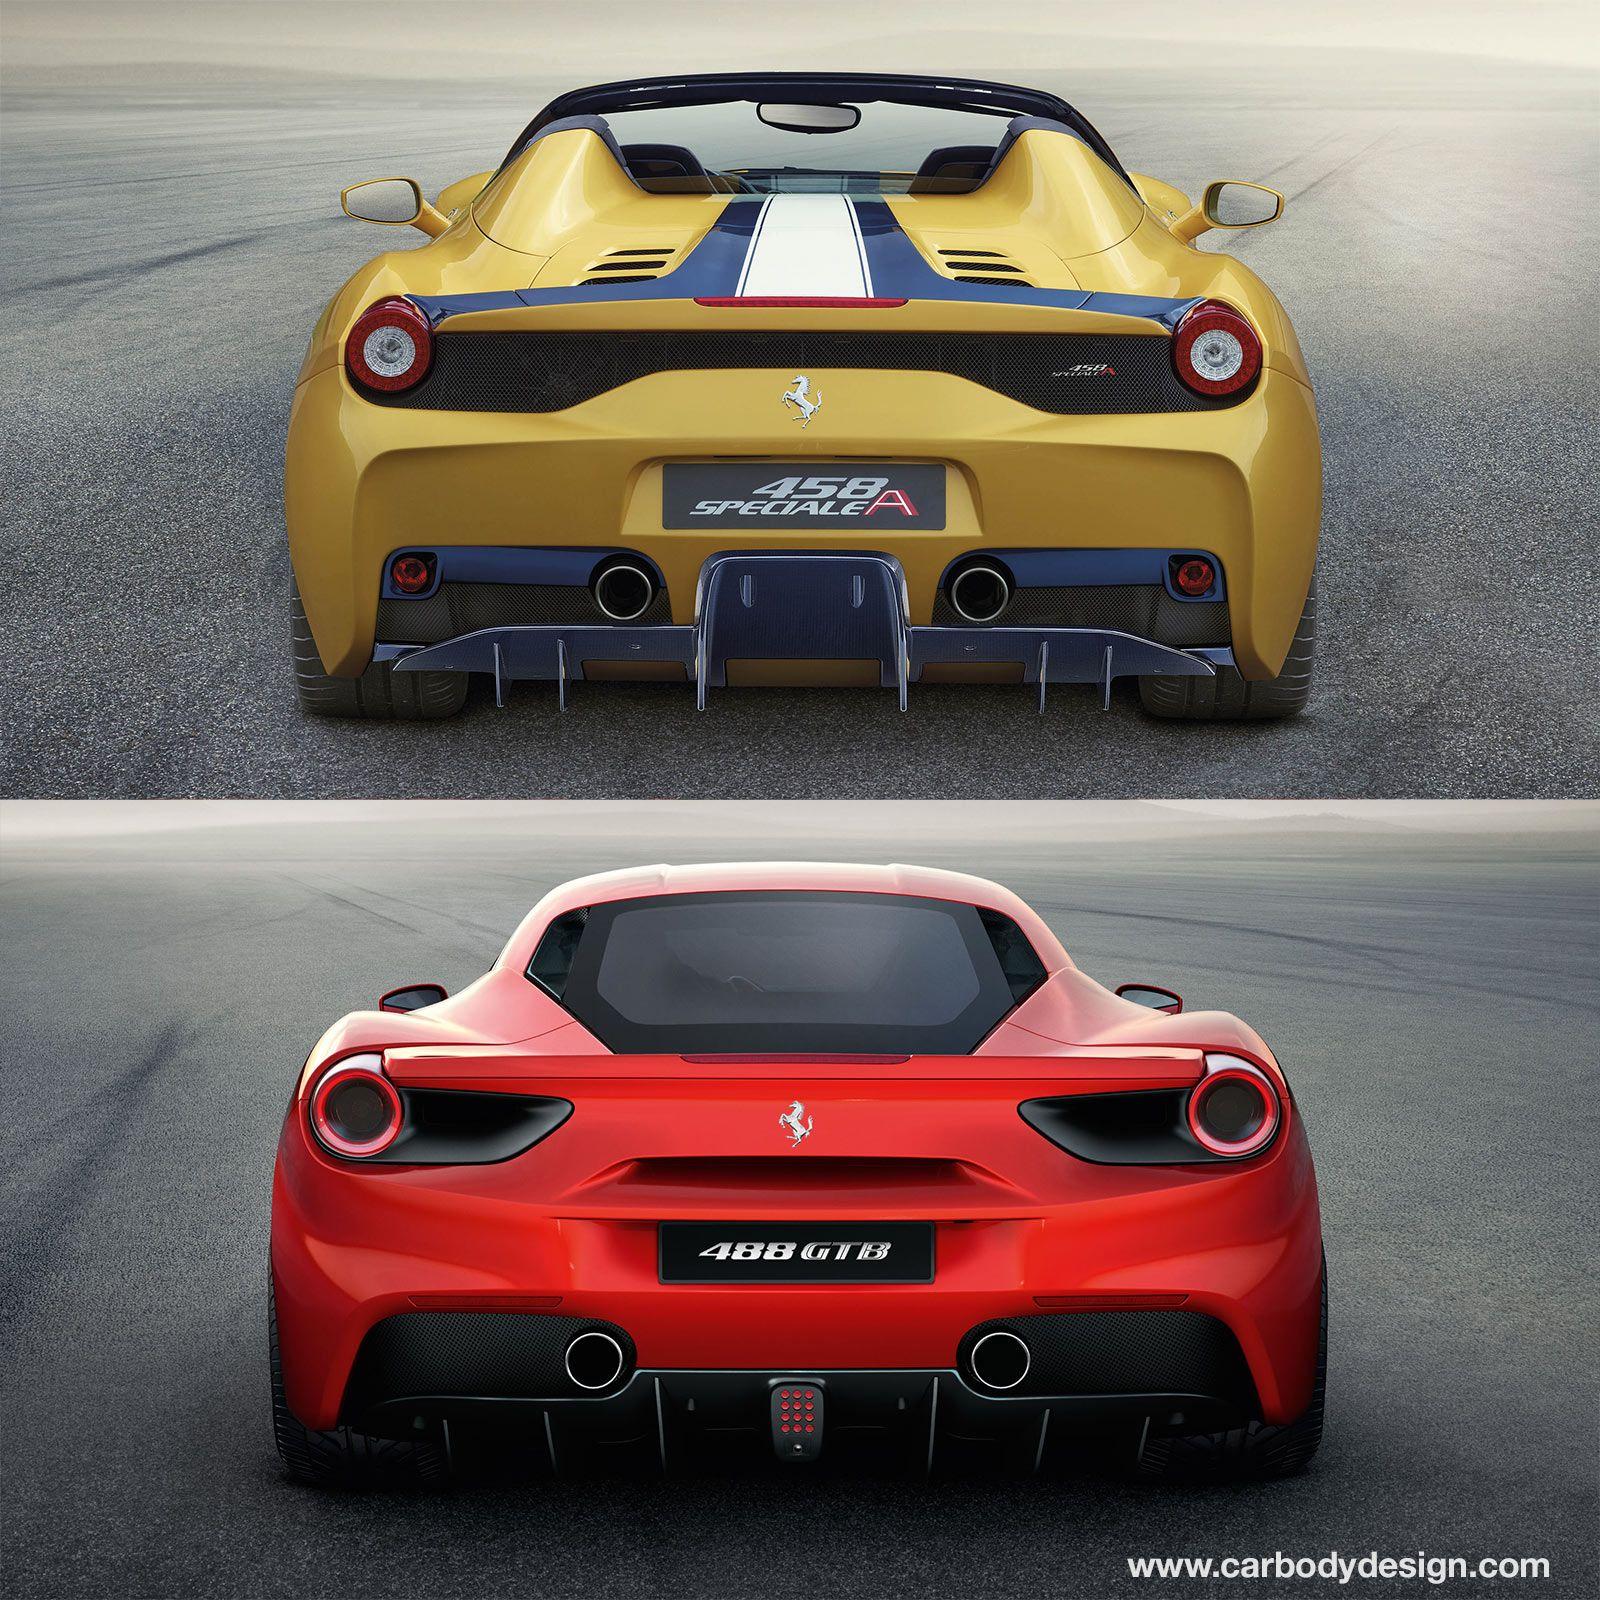 Ferrari 458 Speciale A And 488 Gtb Design Comparison Rear End Ferrari 458 Speciale Ferrari 458 Ferrari